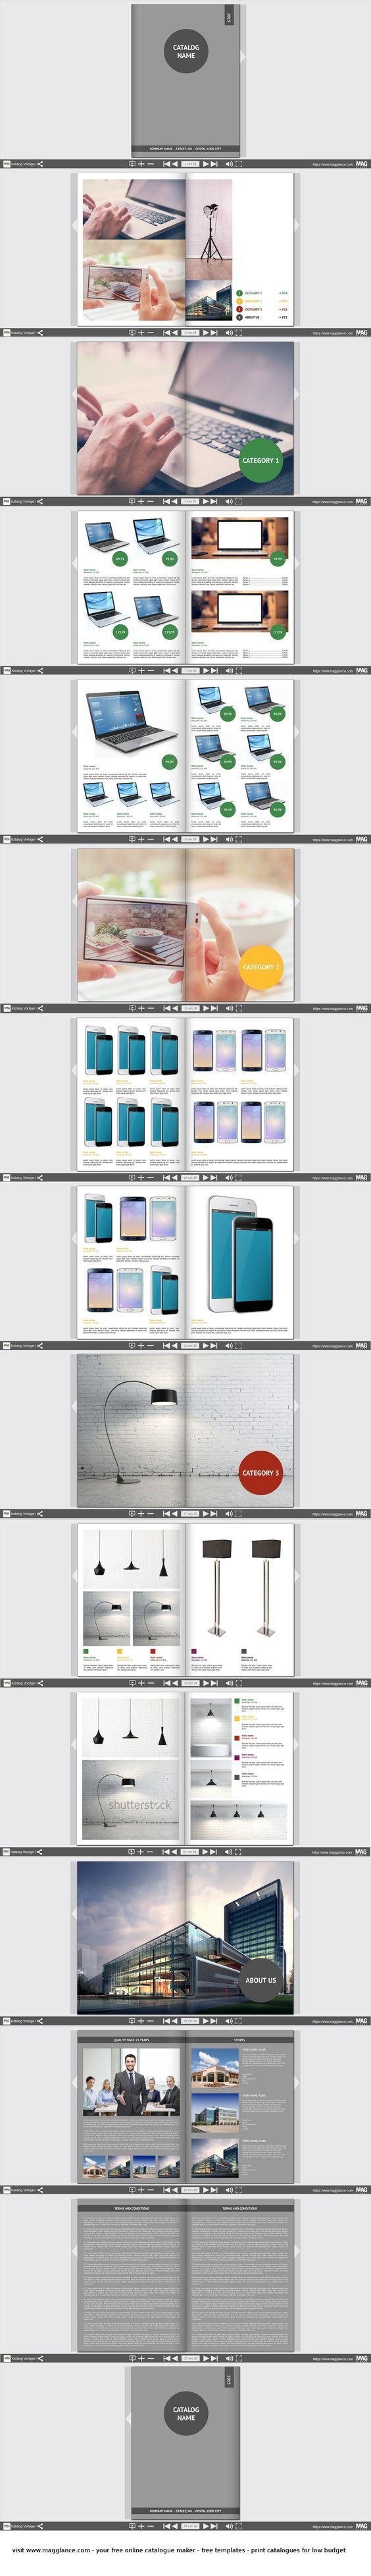 New Eigenen individuellen Katalog anhand von Vorlagen online erstellen und g nstig ab Exemplar drucken Jetzt kostenlos gestalten